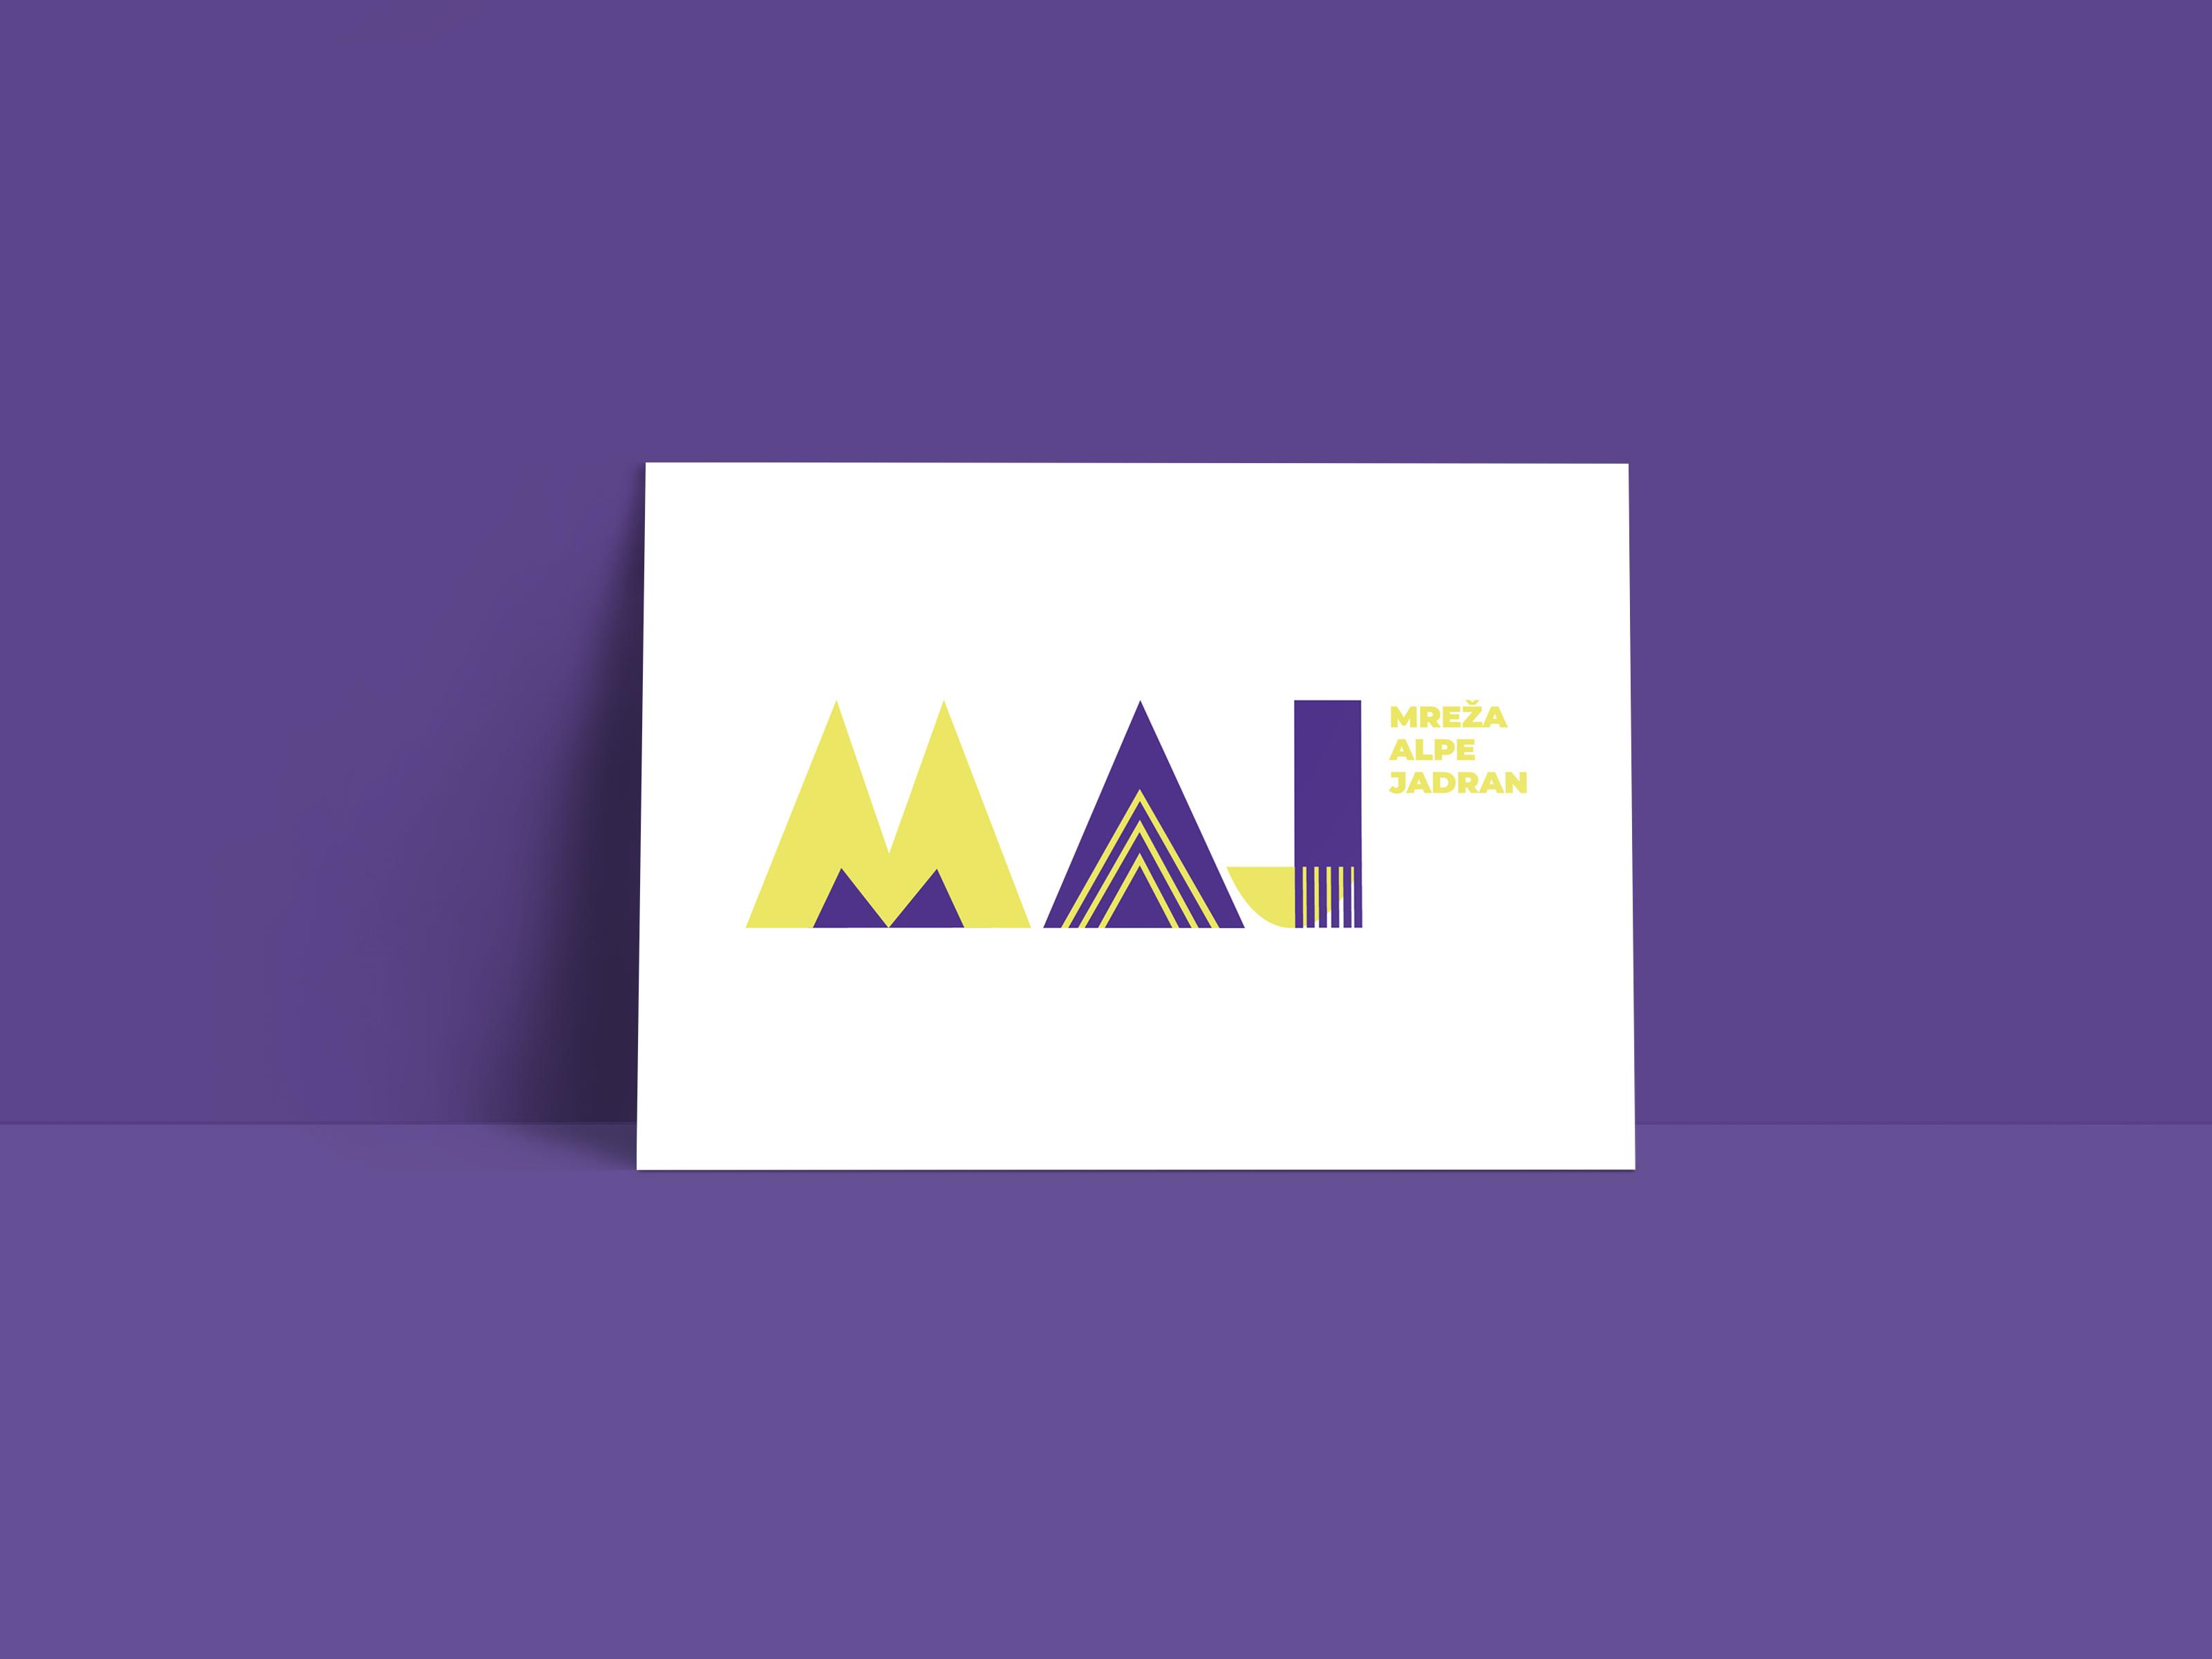 MAJ_logo_violett